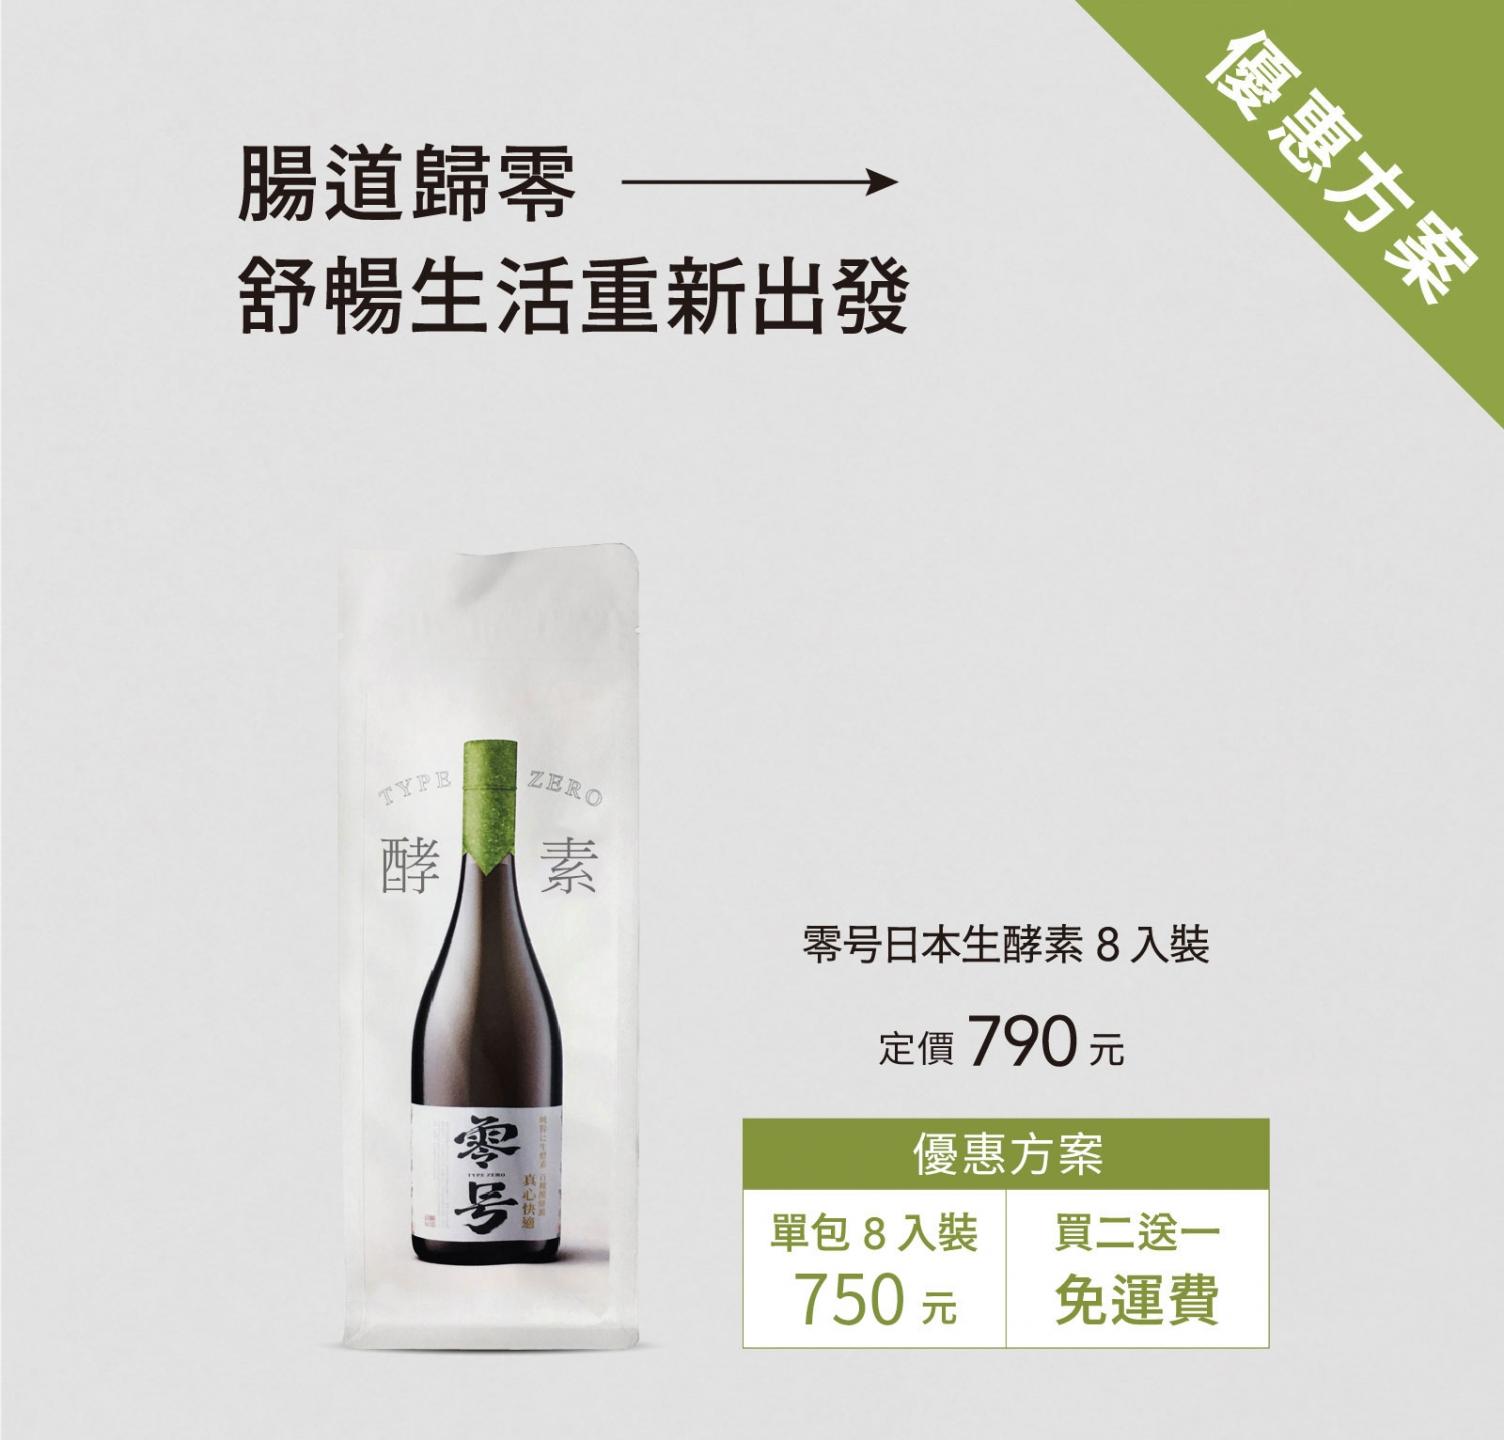 日本零號生酵素-101綜合蔬果酵素-100萬高濃度SOD-排空歸零養顏美容-腸道歸零快速排空